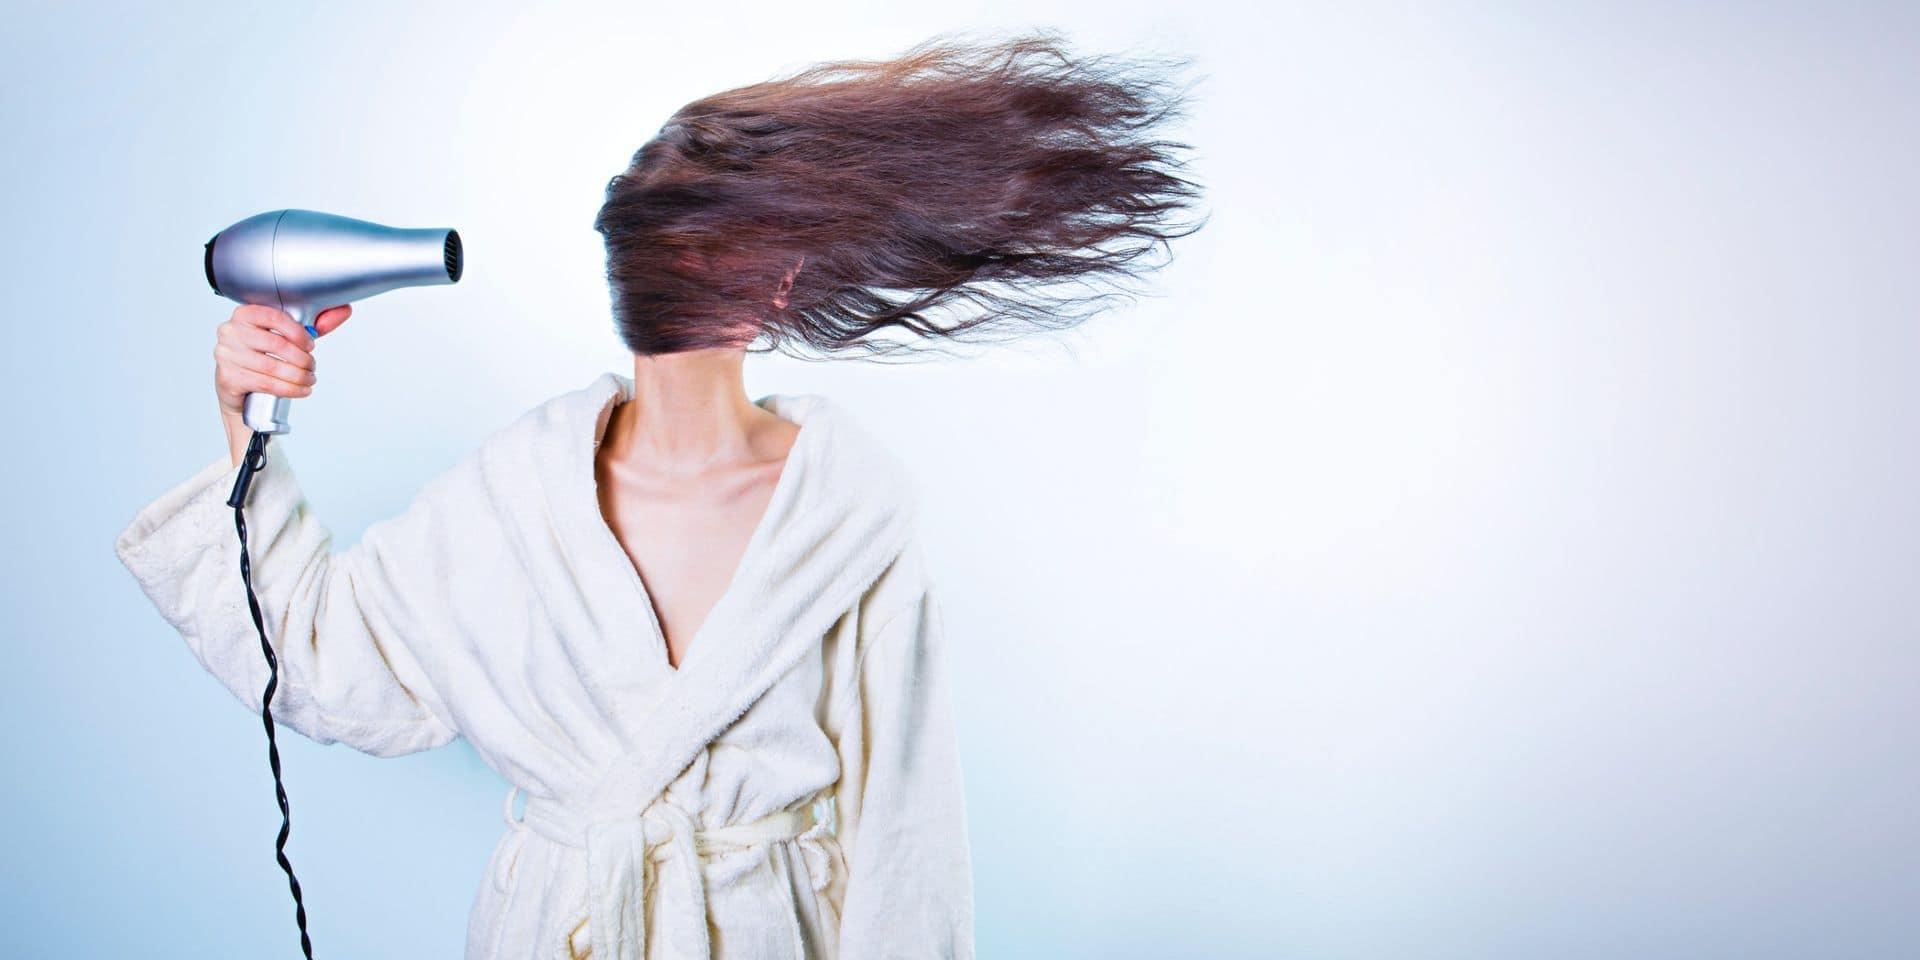 Obsession cheveux : se teindre et se couper les cheveux soi-même, les techniques à suivre